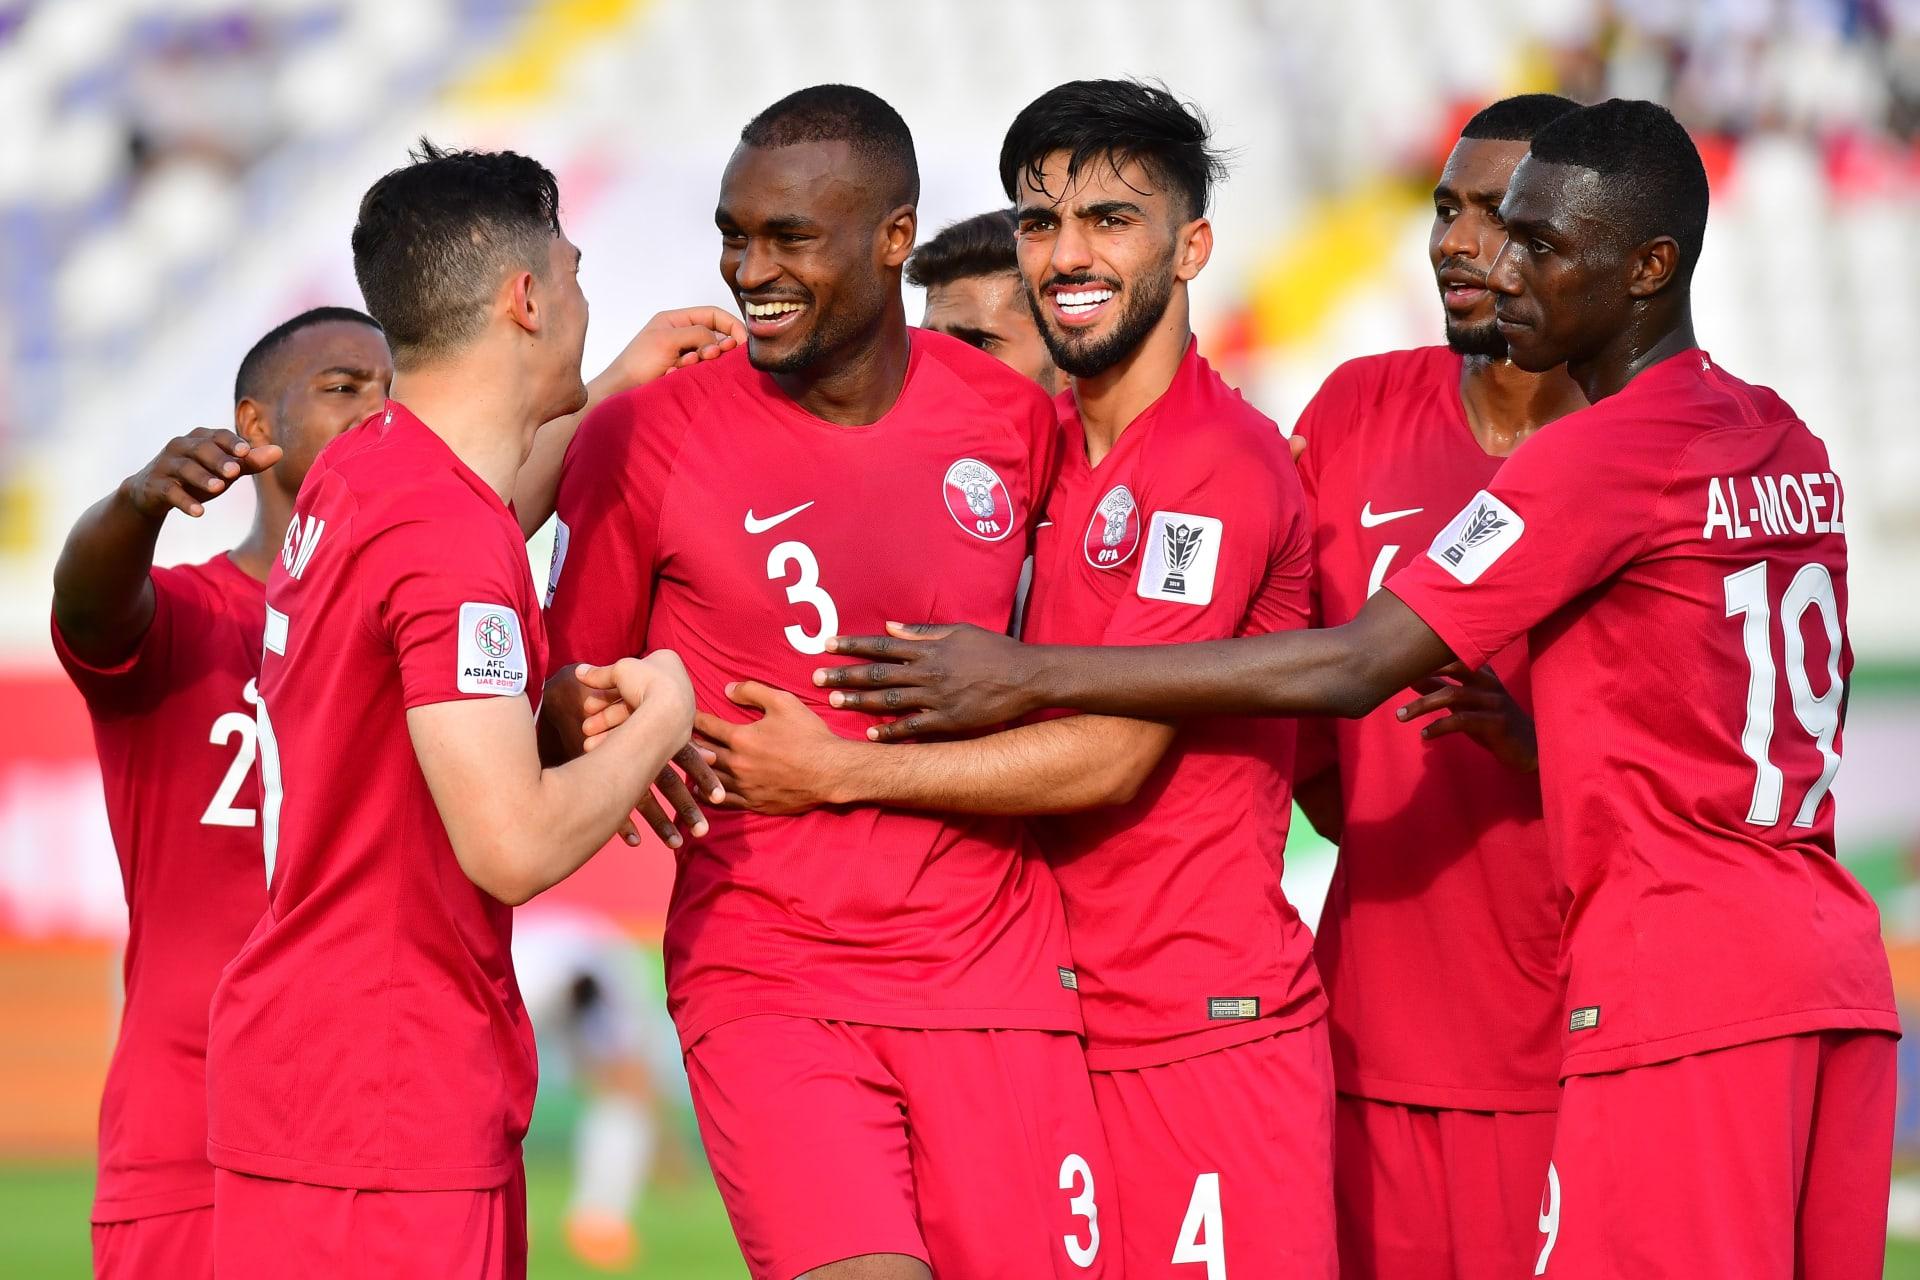 قطر تكتسح كوريا الشمالية وتلتحق بالسعودية إلى دور الـ16 من كأس آسيا